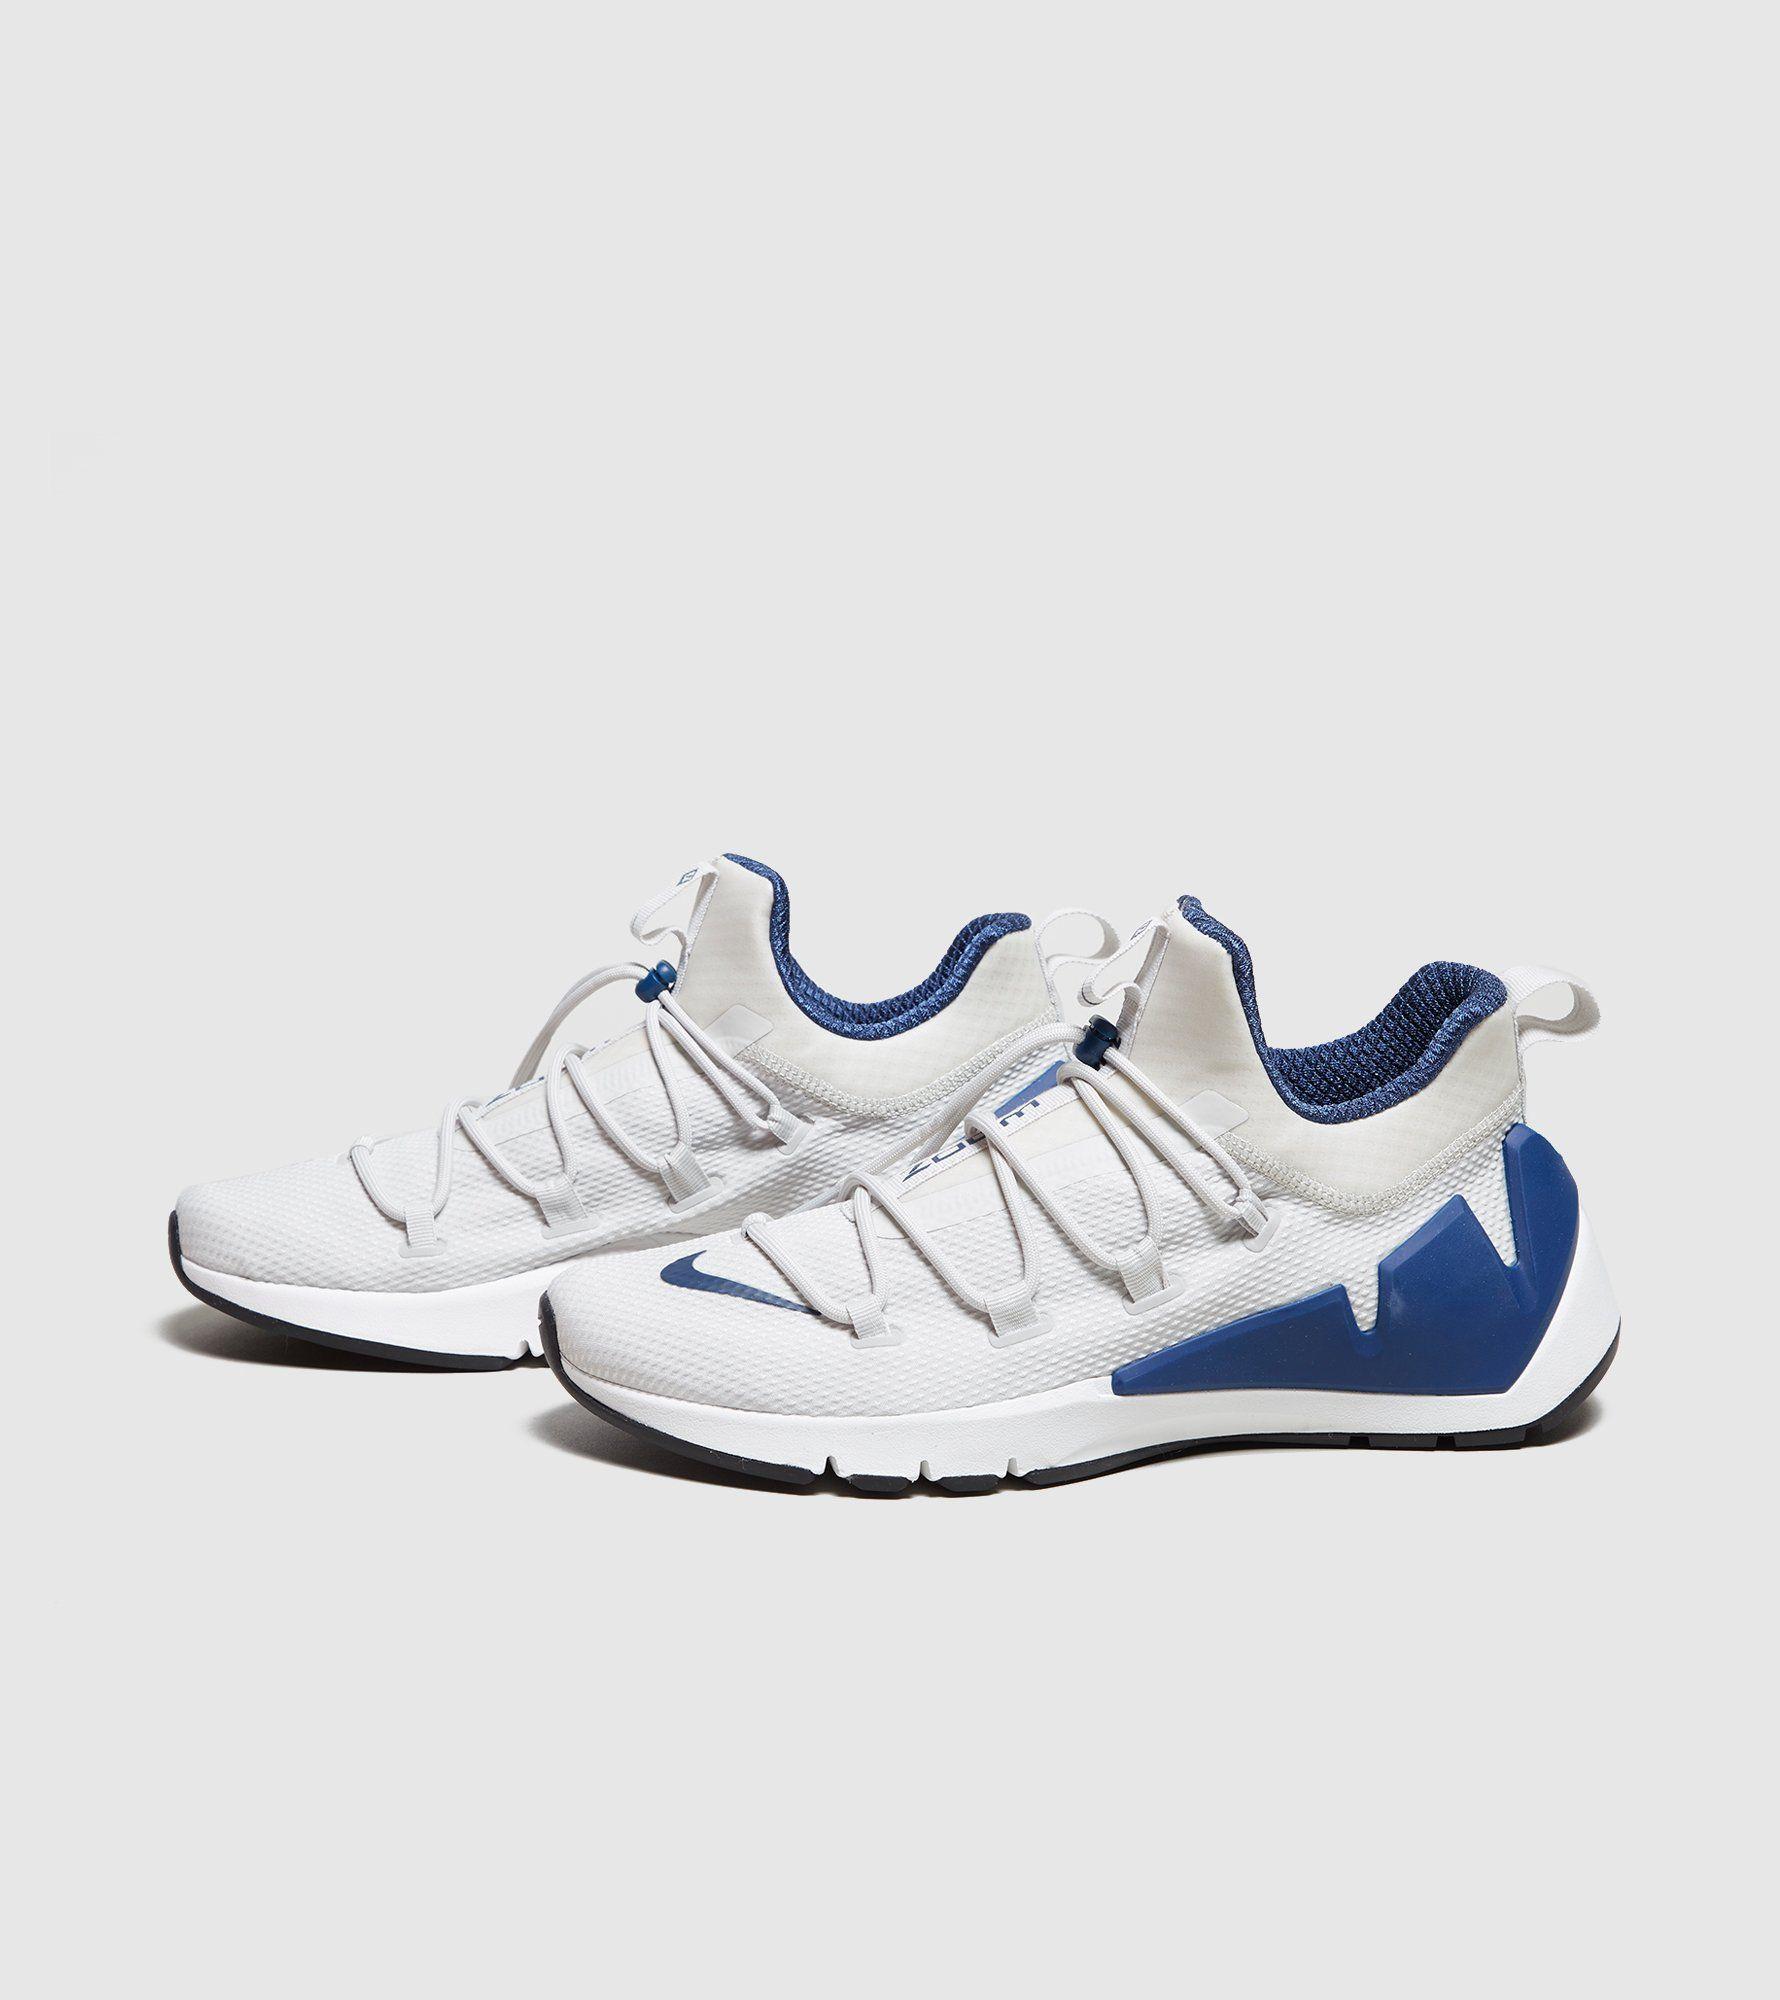 Nike Chaussures De Sport De Qualité Zoom Air ud9Sy